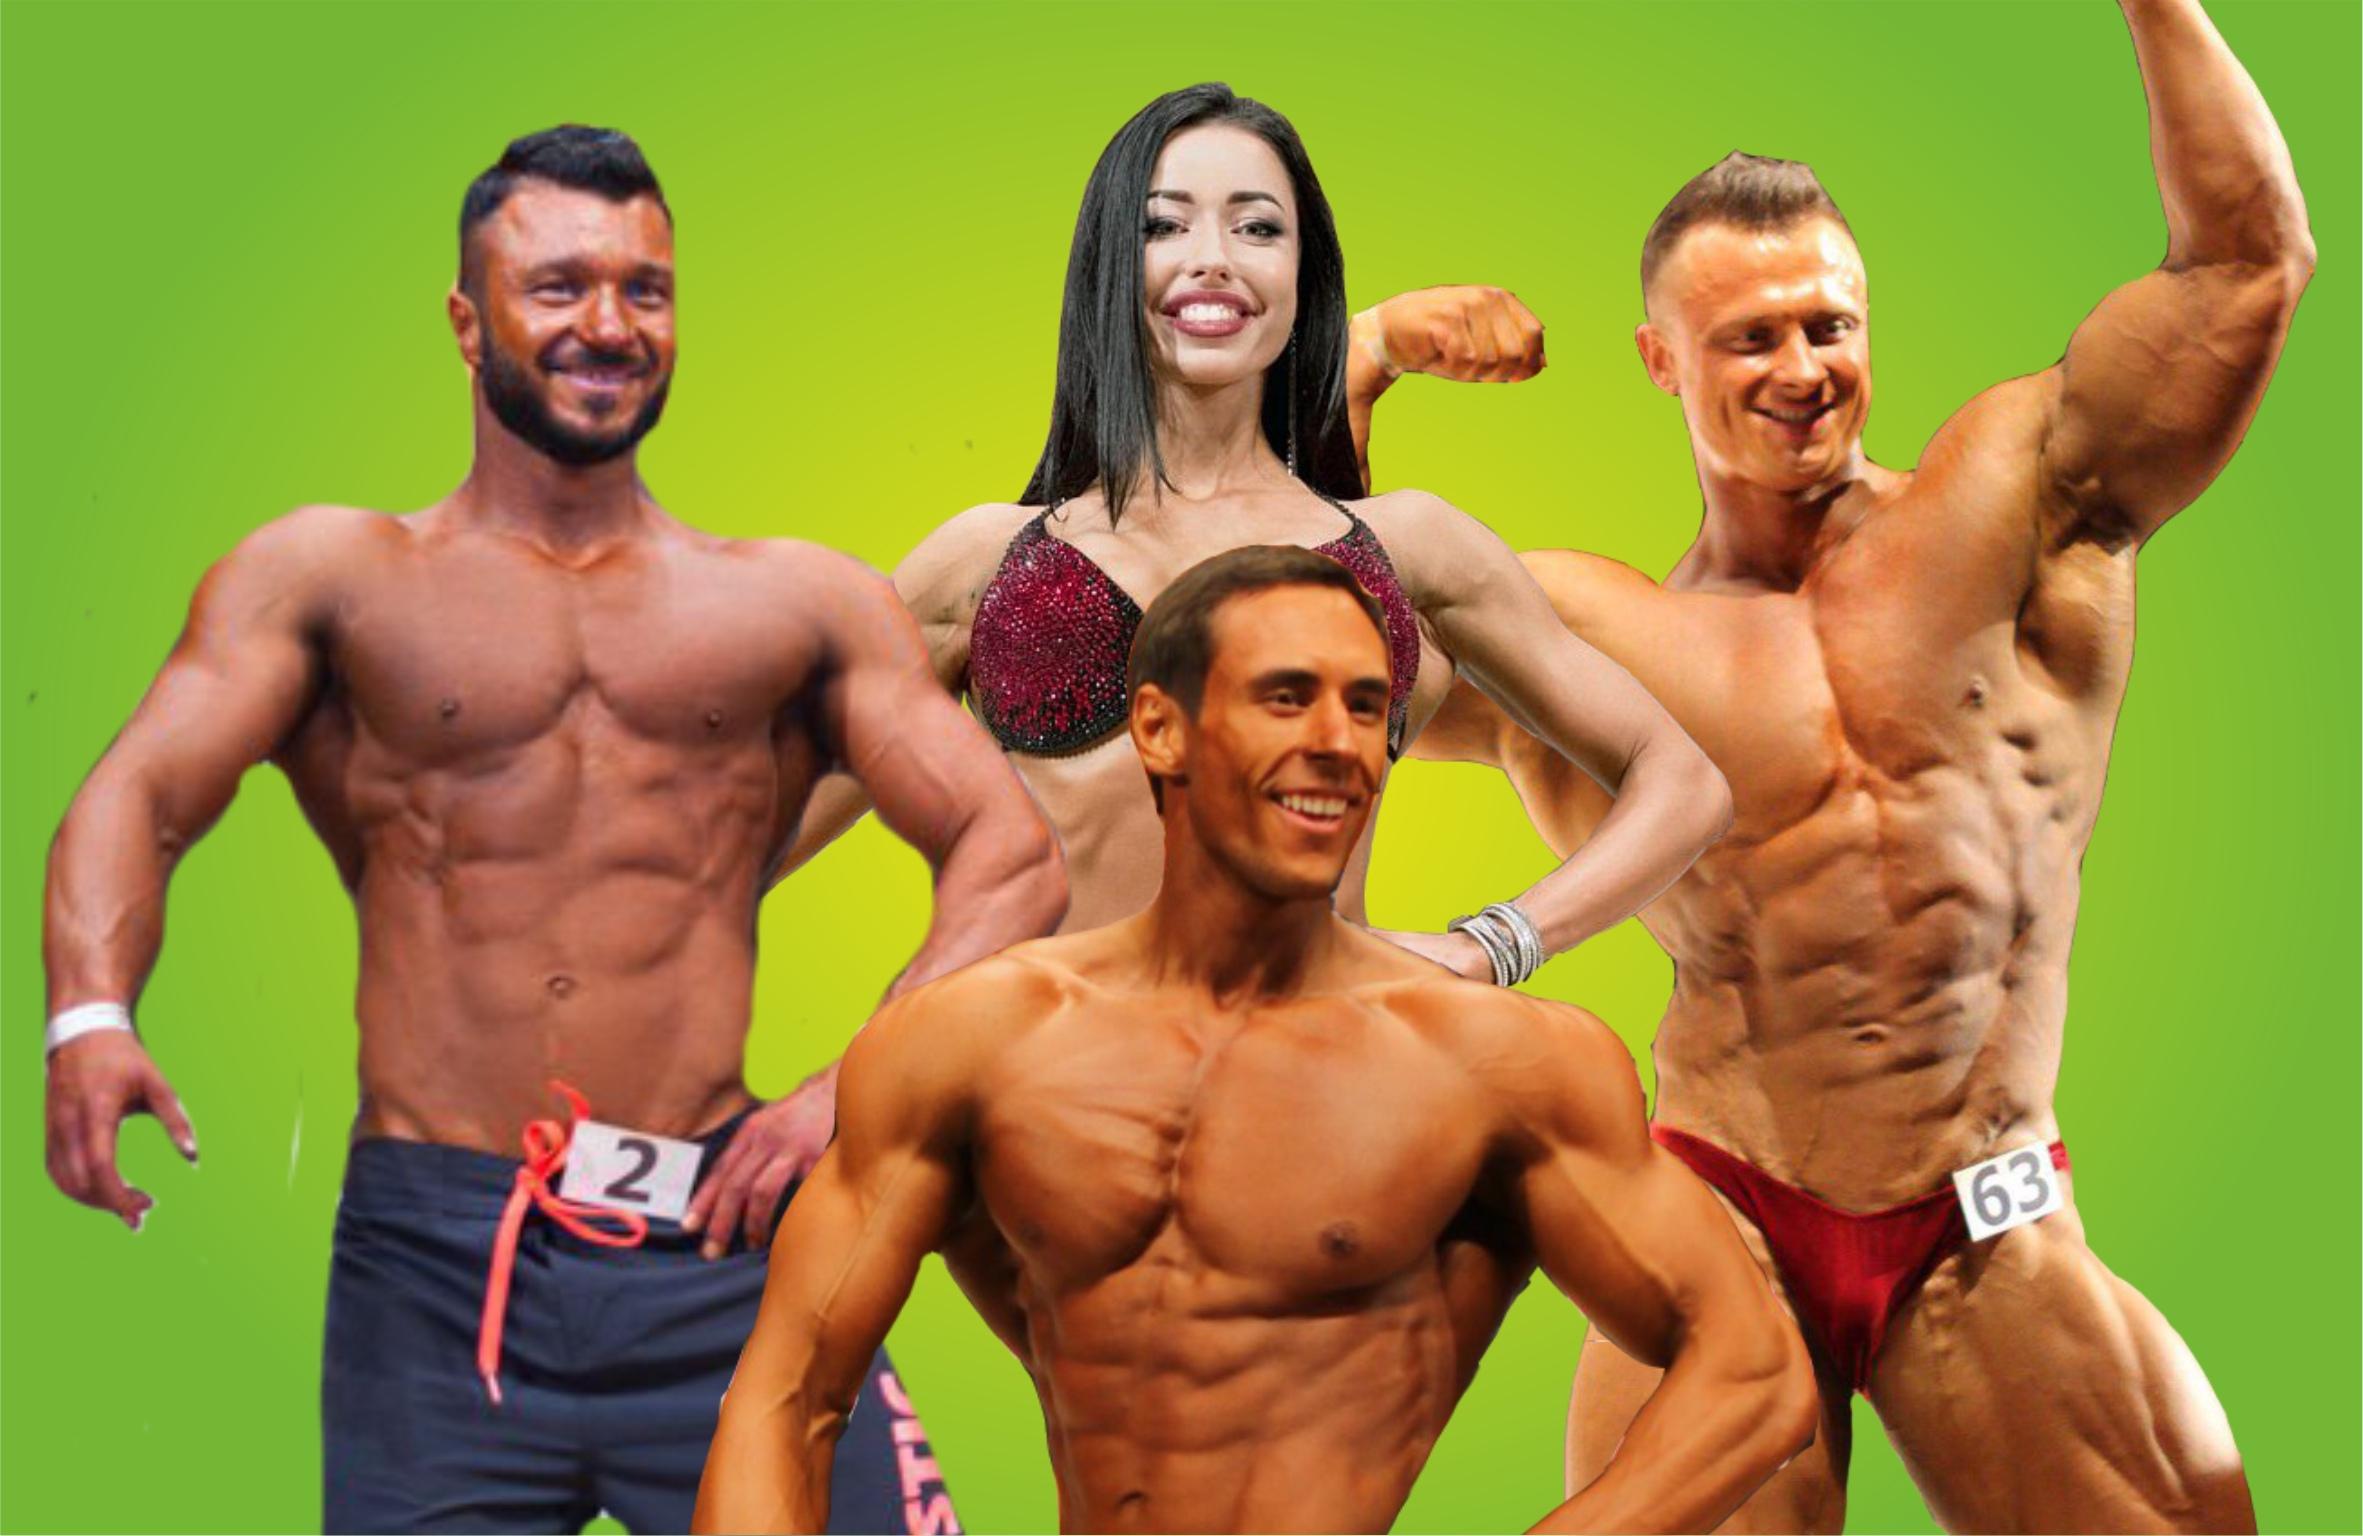 Купить билеты на Открытый чемпионат  по бодибилдингу, бодифитнесу и фитнес бикини